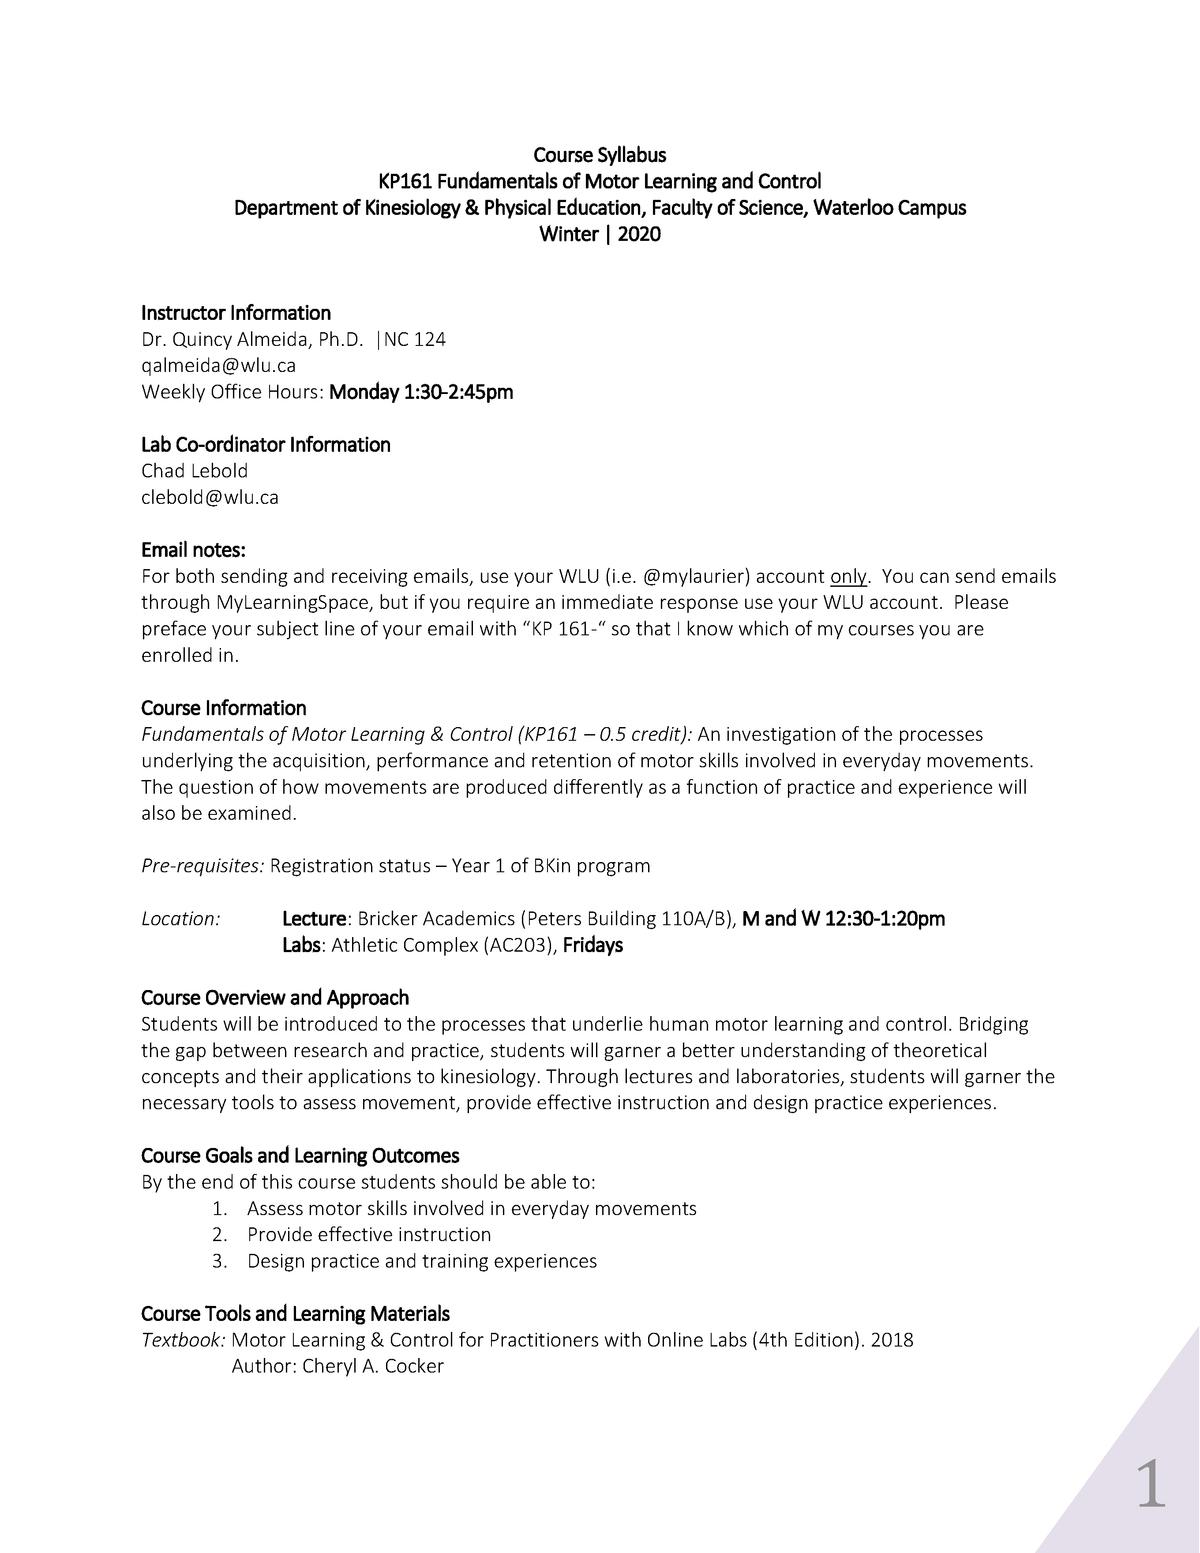 Kp161 Syllabus 2020Qja - Motor Learning And Control - Wlu